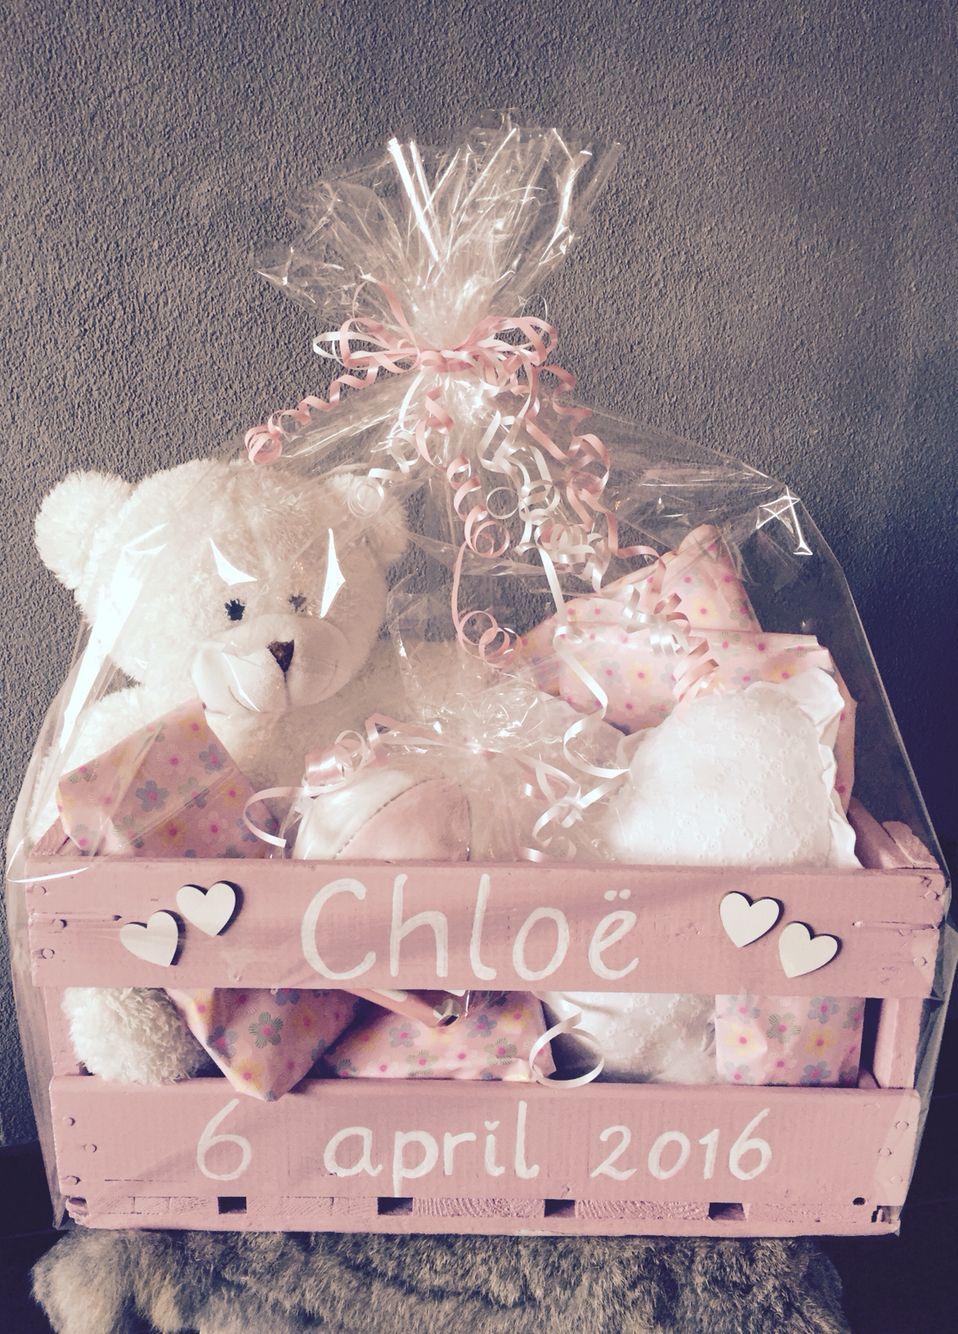 Geschenke kiste zur geburt von den besten freunden for Geschenke zur geburt selbstgemacht